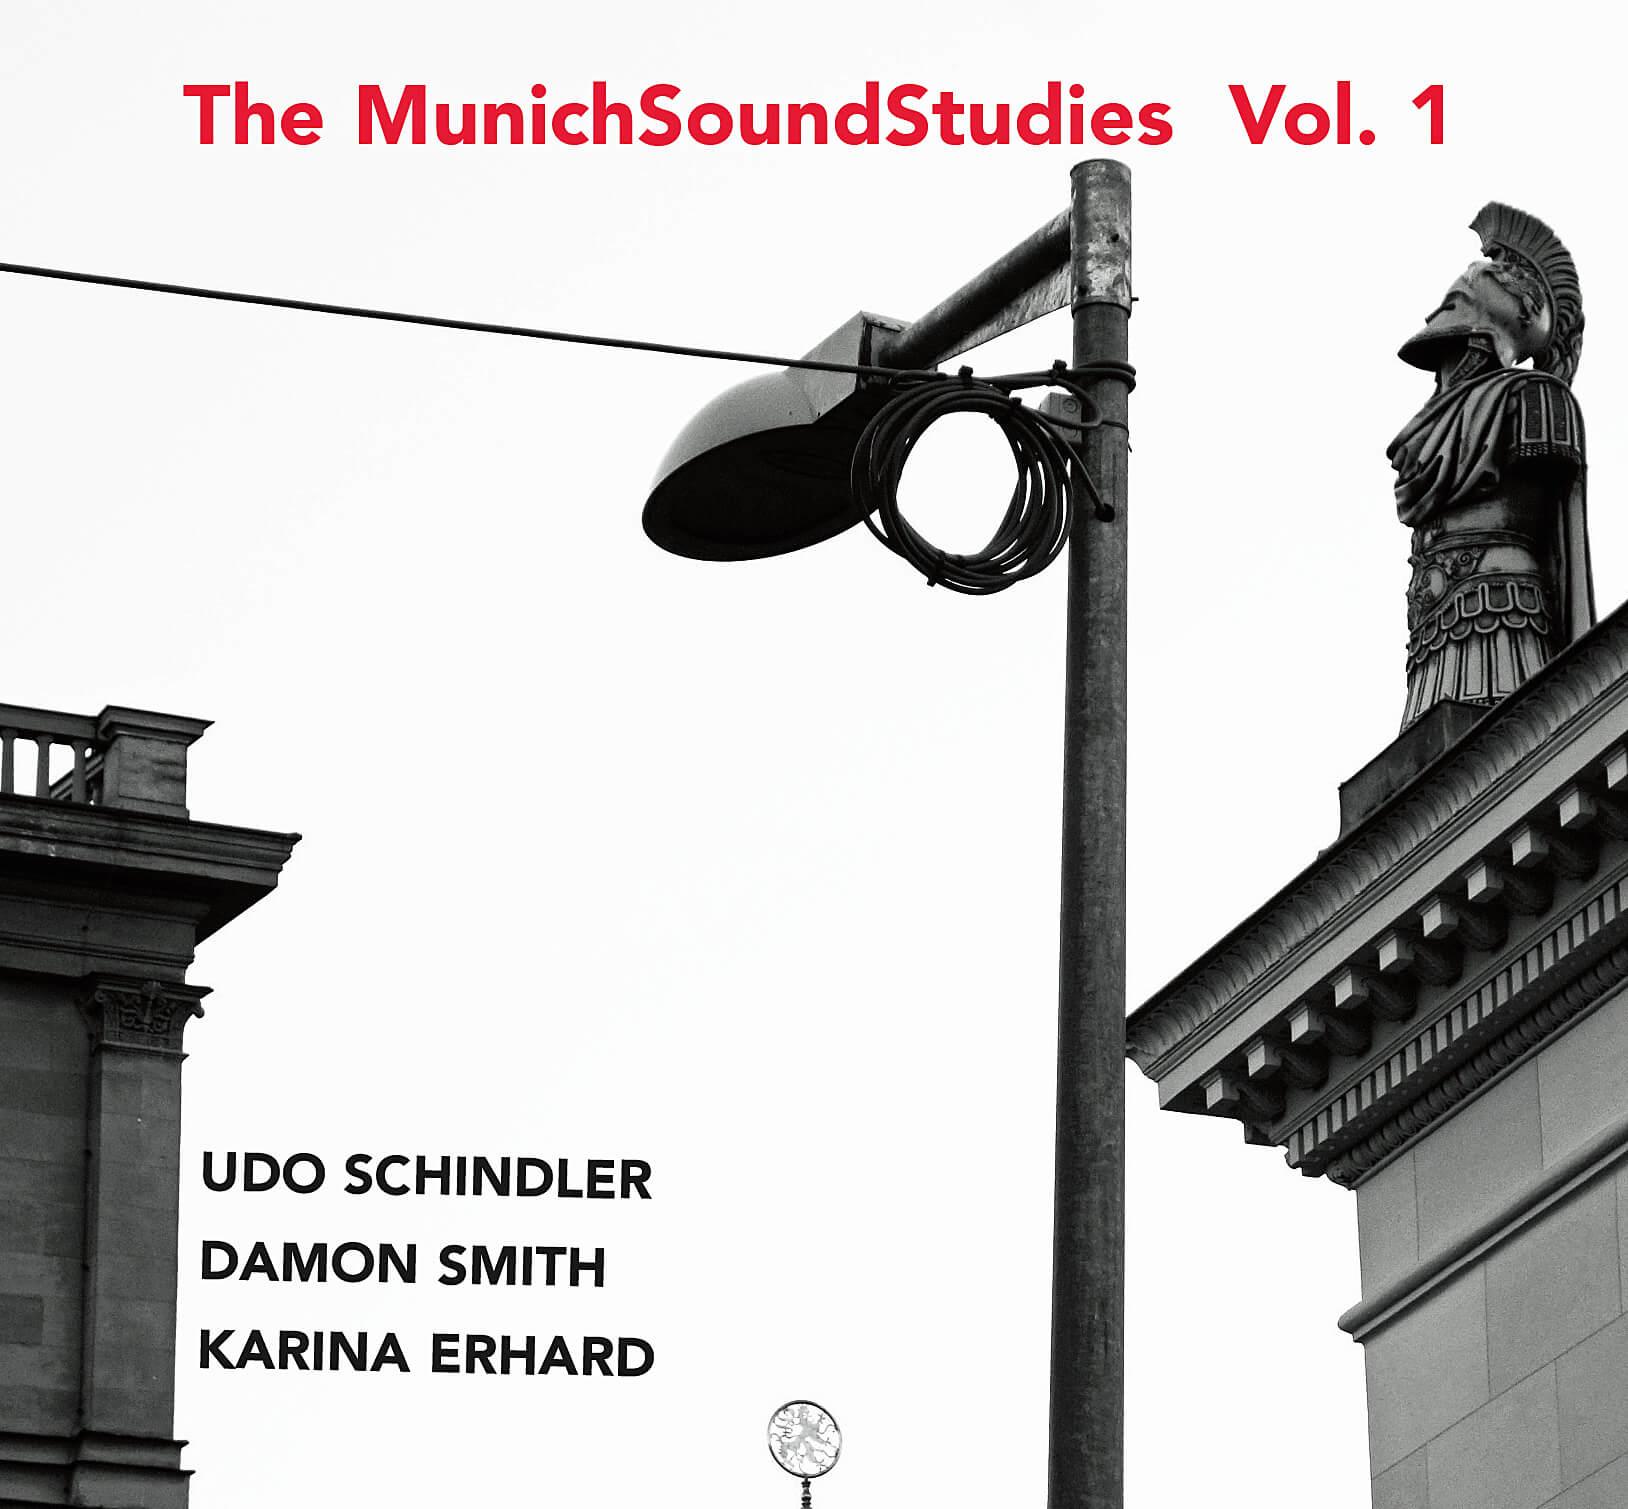 The MunichSoundStudies Vol. 1